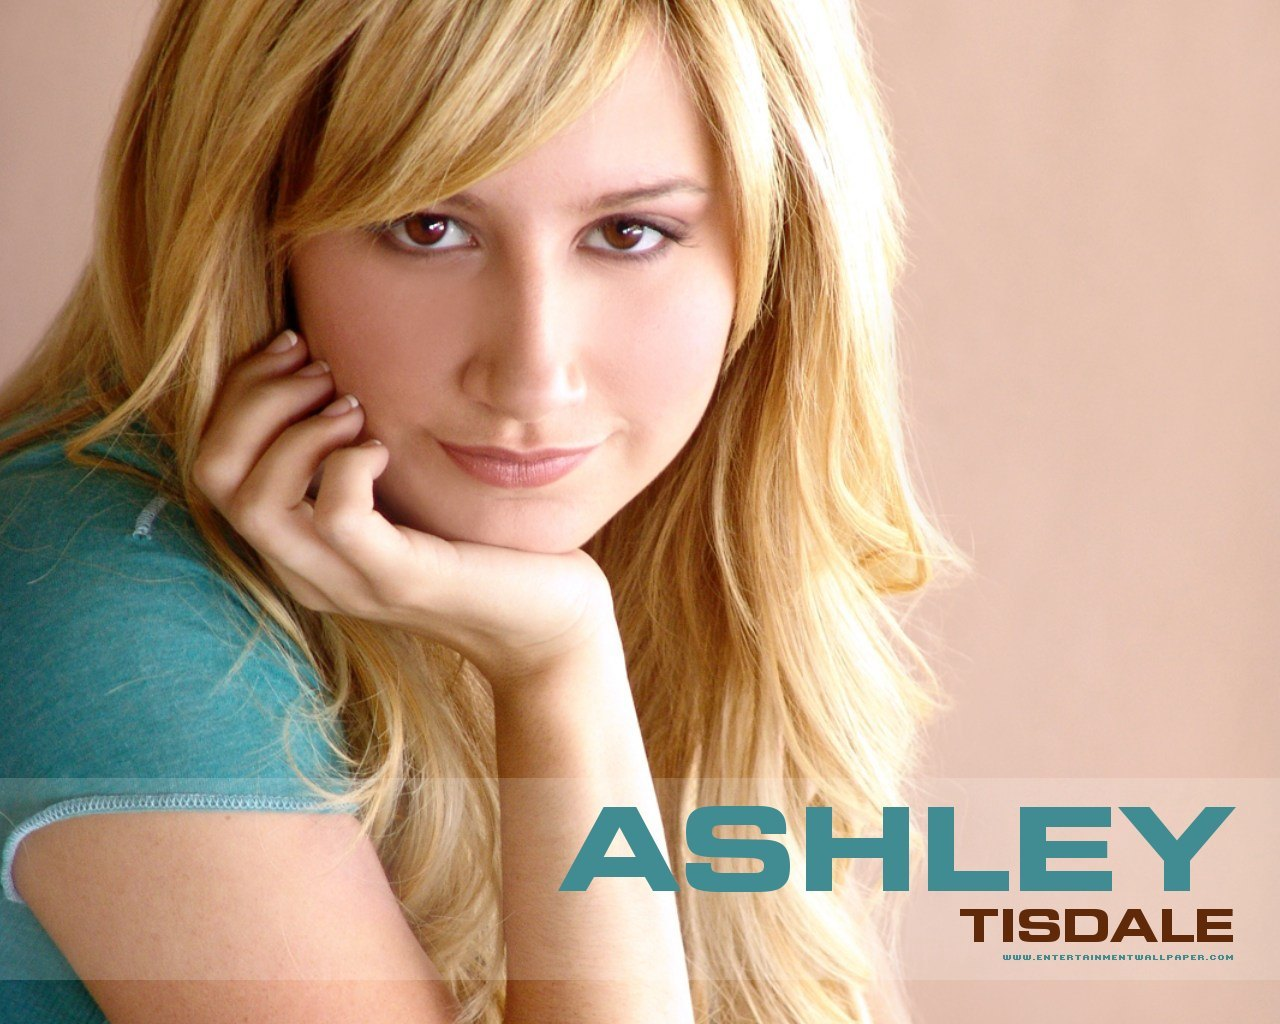 http://3.bp.blogspot.com/-oFGPFCpHPKs/Tc77ORQyqvI/AAAAAAAAABU/8kIGmILWIak/s1600/1286783004_1280x1024_ashley-tisdale-in-blue-dress.jpg